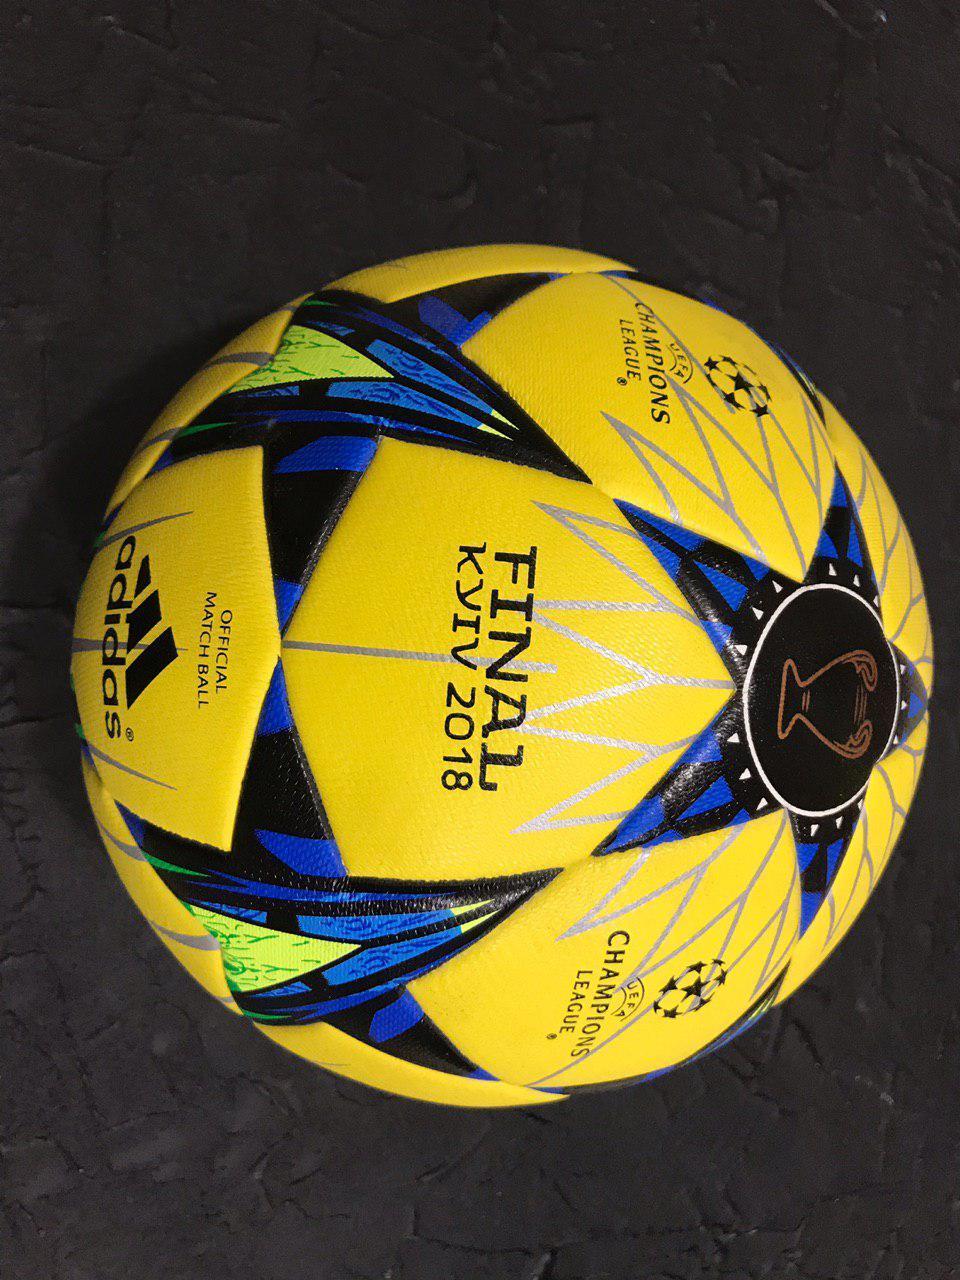 Футбольный мяч Лига чемпионов желтый